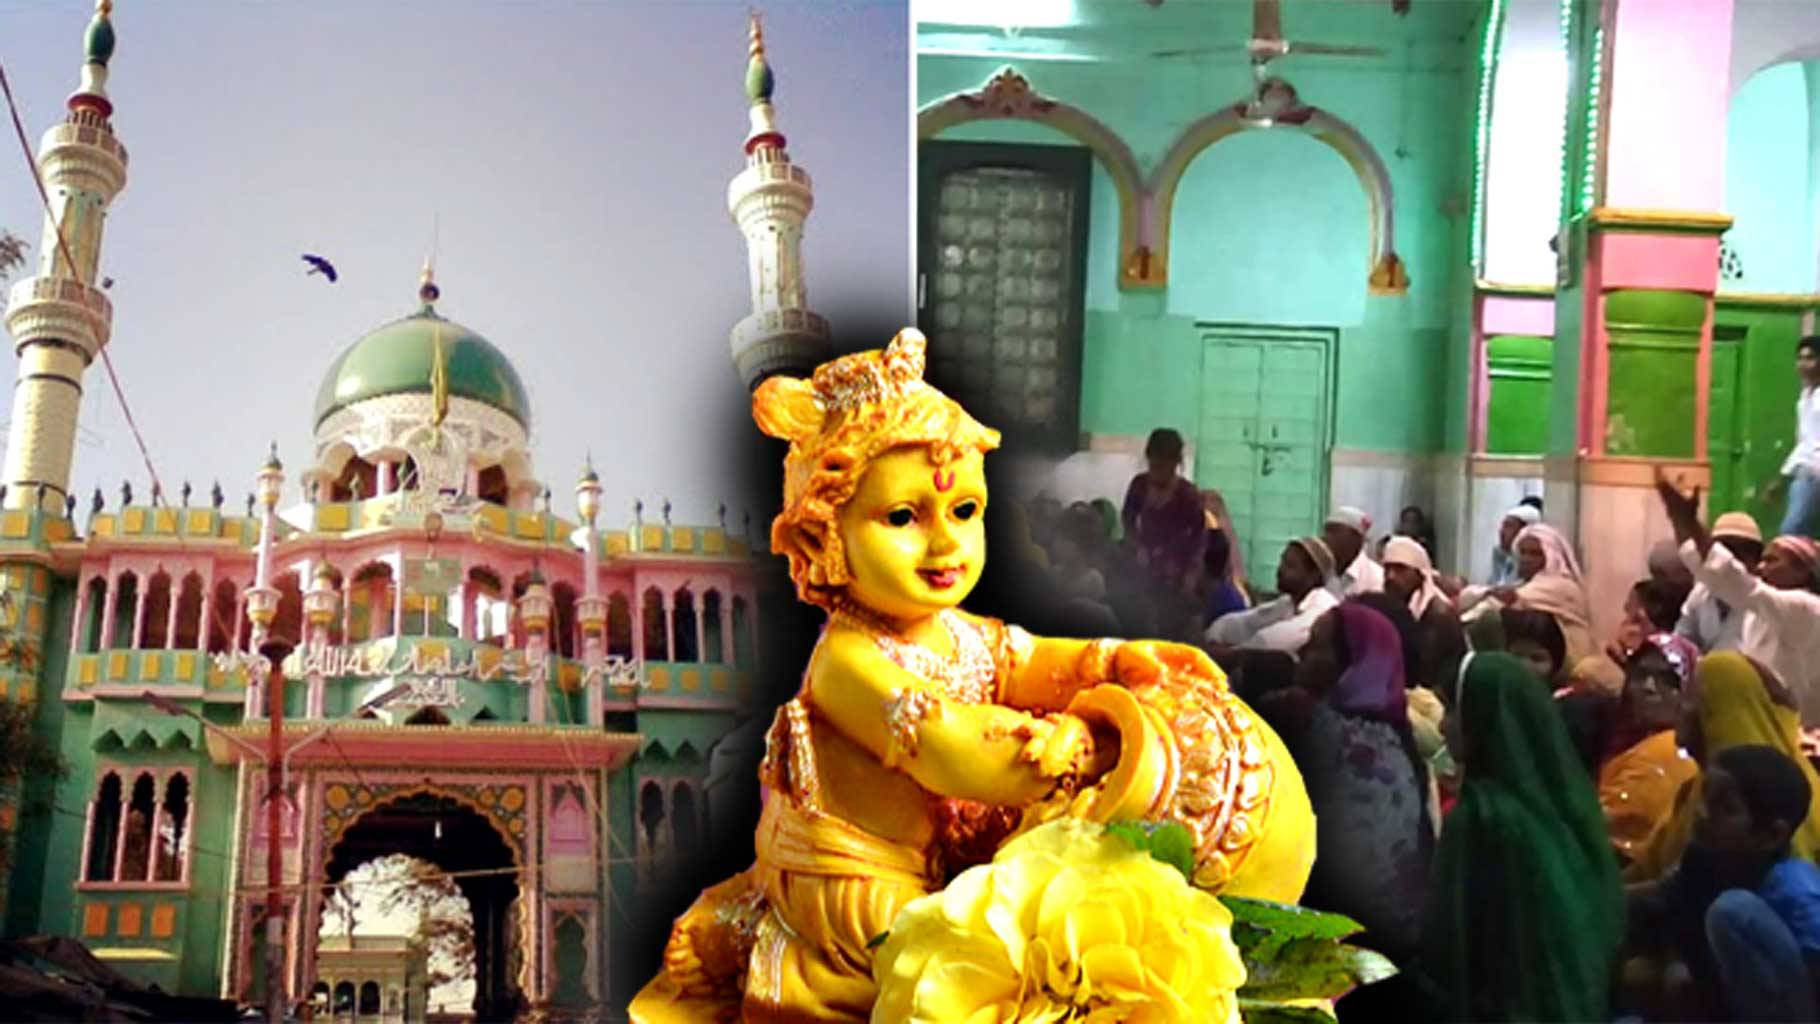 दरगाह जहां कृष्ण जन्माष्टमी पर लगता है मेला, एक साथ गूंजती है अजान और आरती